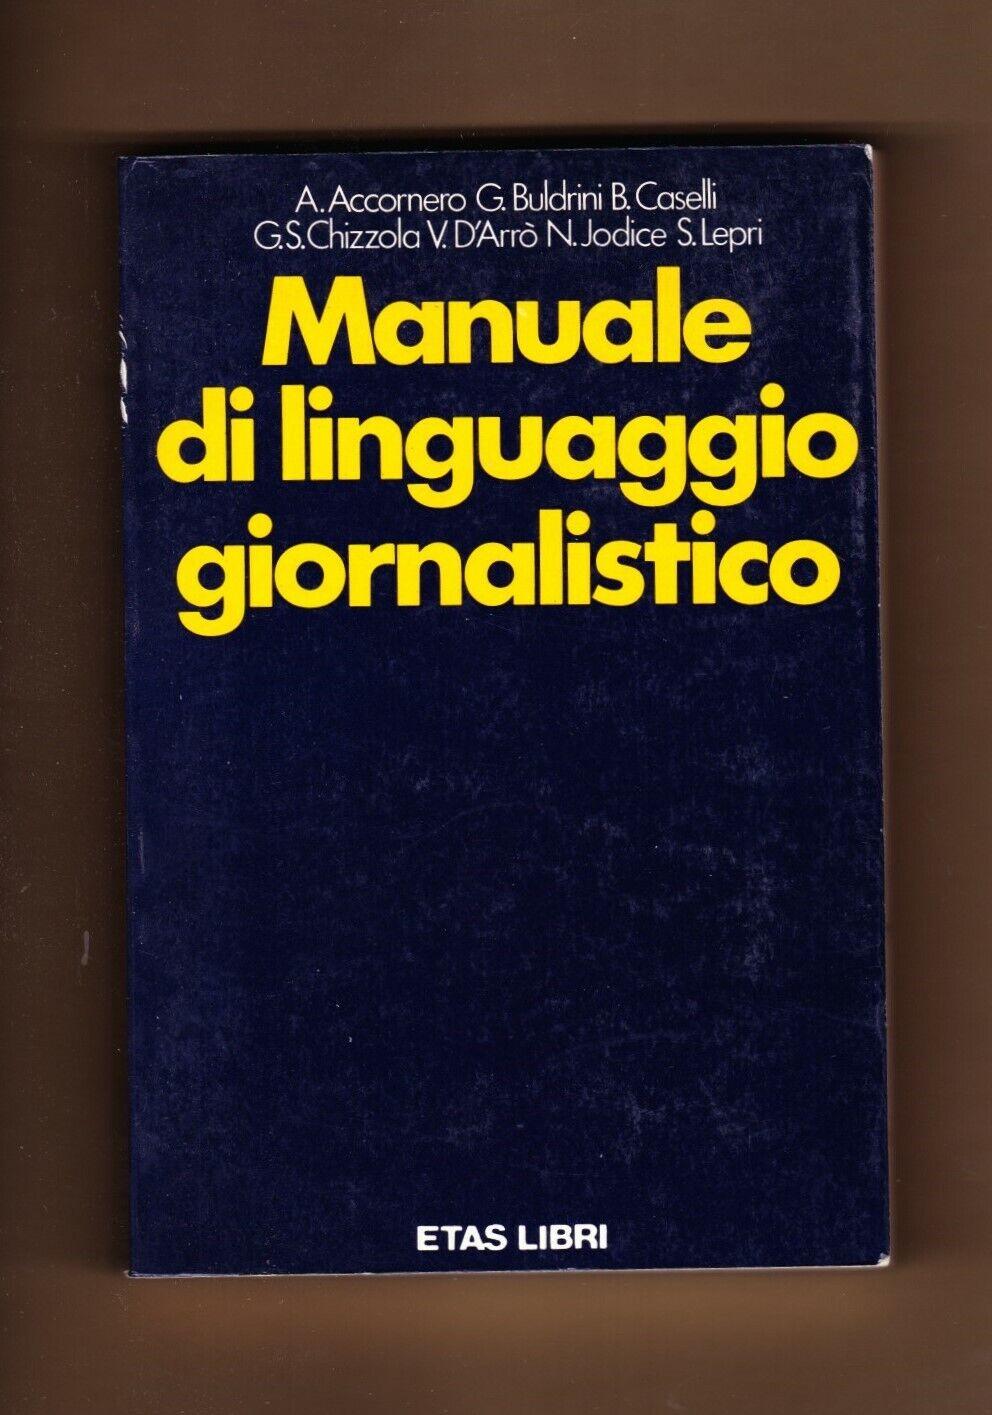 AA.VV. MANUALE DI LINGUAGGIO GIORNALISTICO ETAS LIBRI 1977